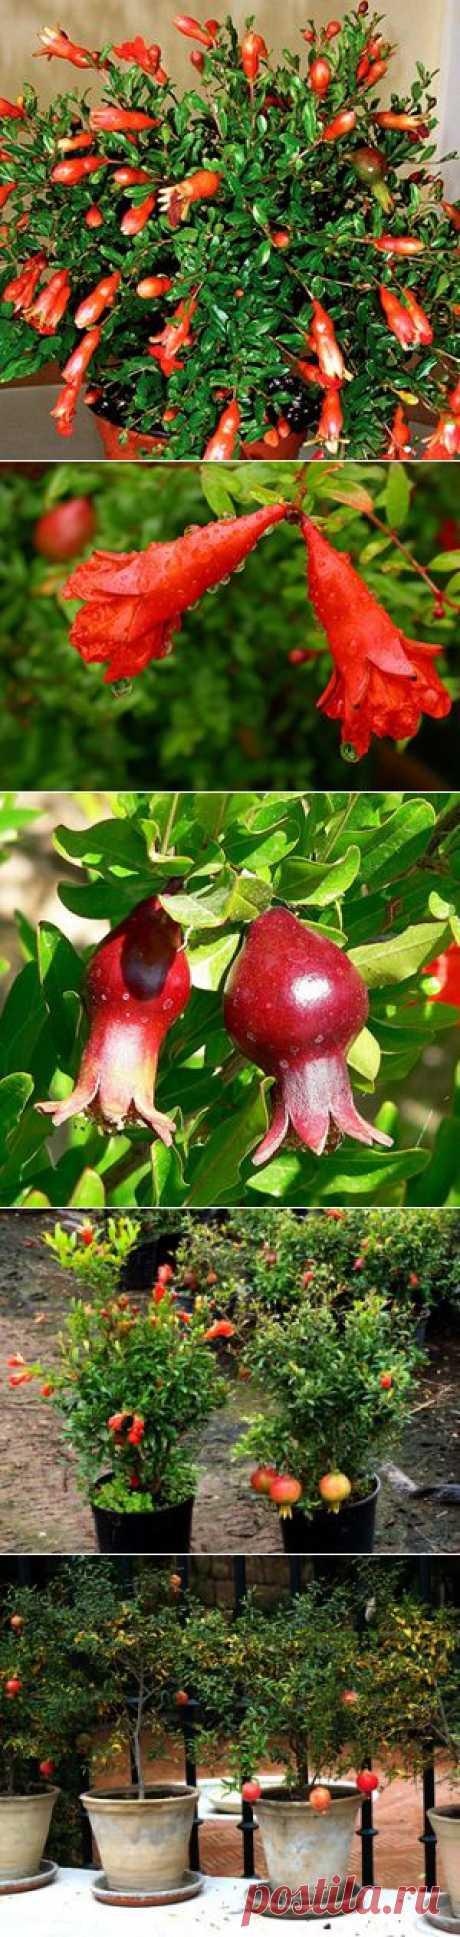 Гранат комнатный. Гранат карликовый (комнатный): уход, обрезка, размножение, сорта, выращивание в домашних условиях - Сайт о растениях